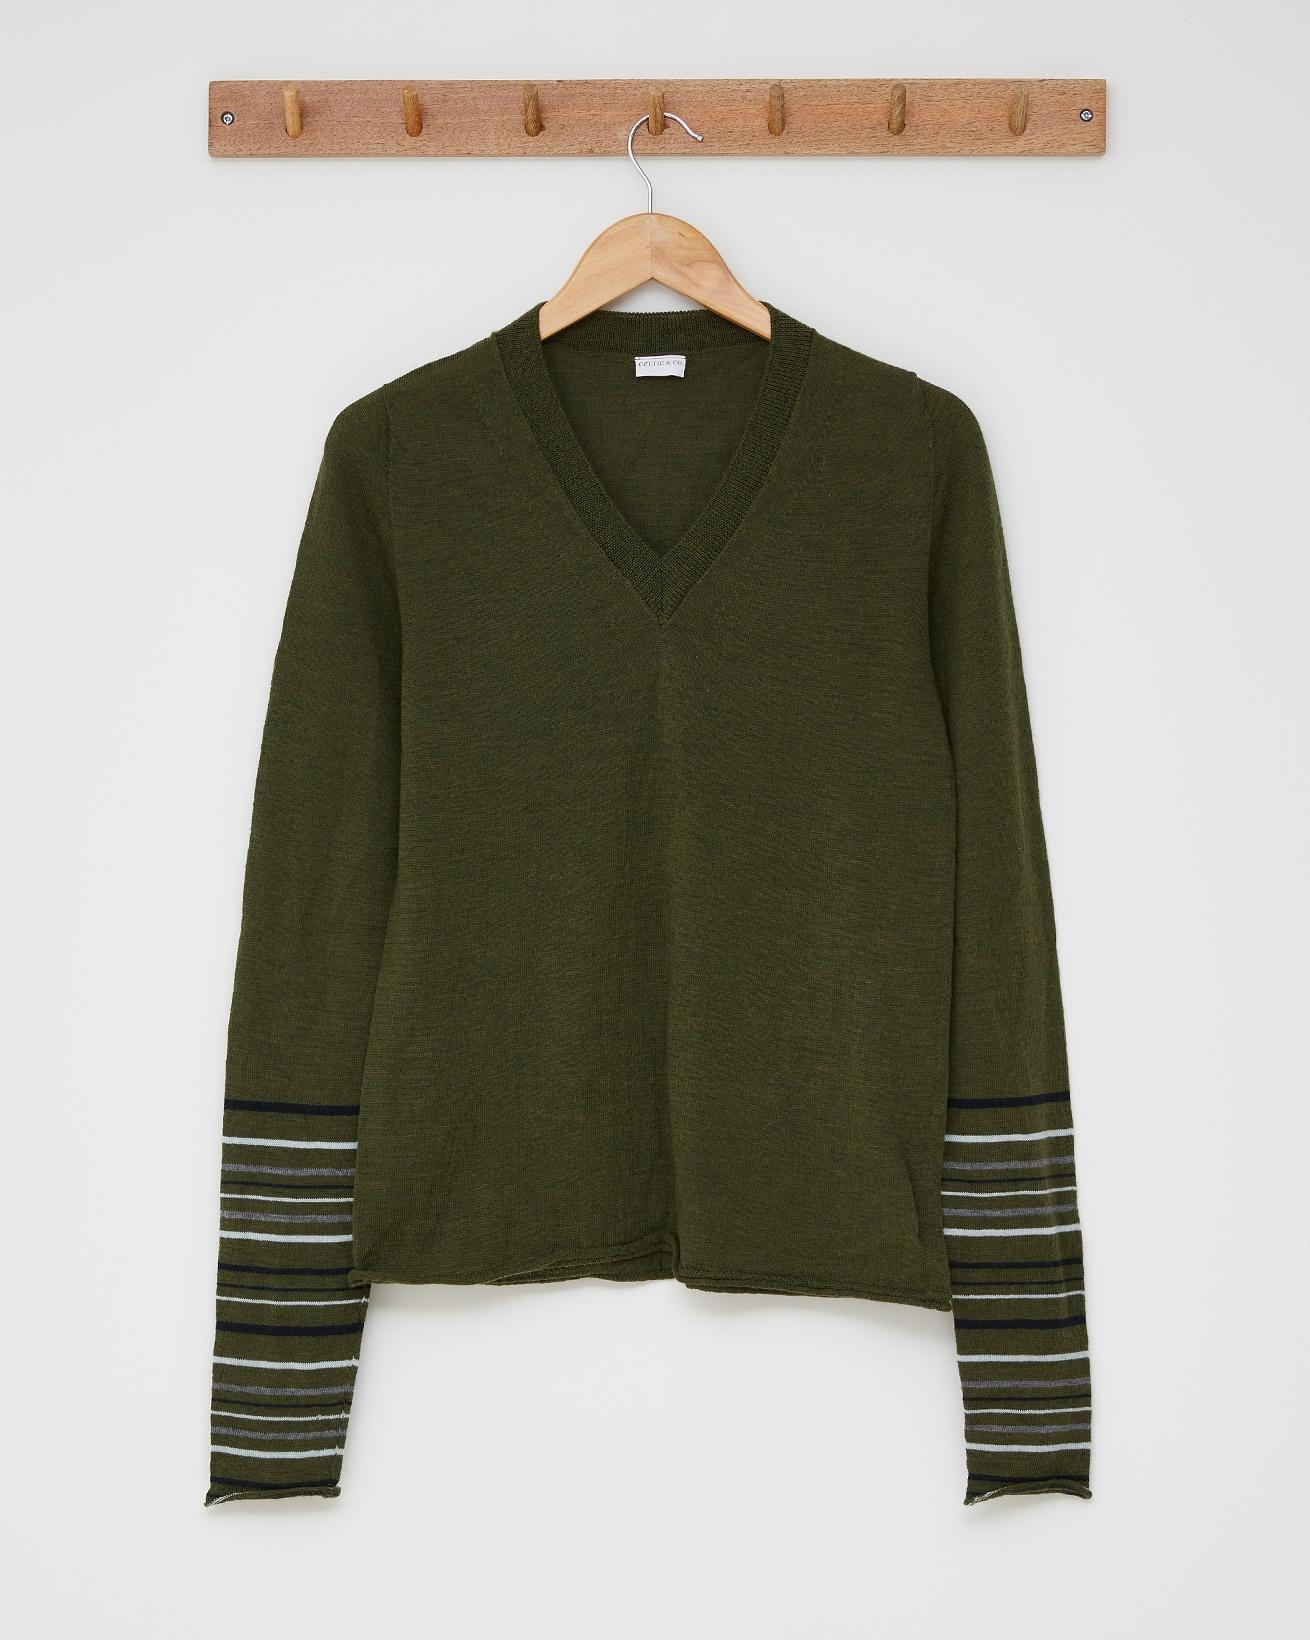 Fine knit v neck - Size Small - Olive, multi stripe - 2512